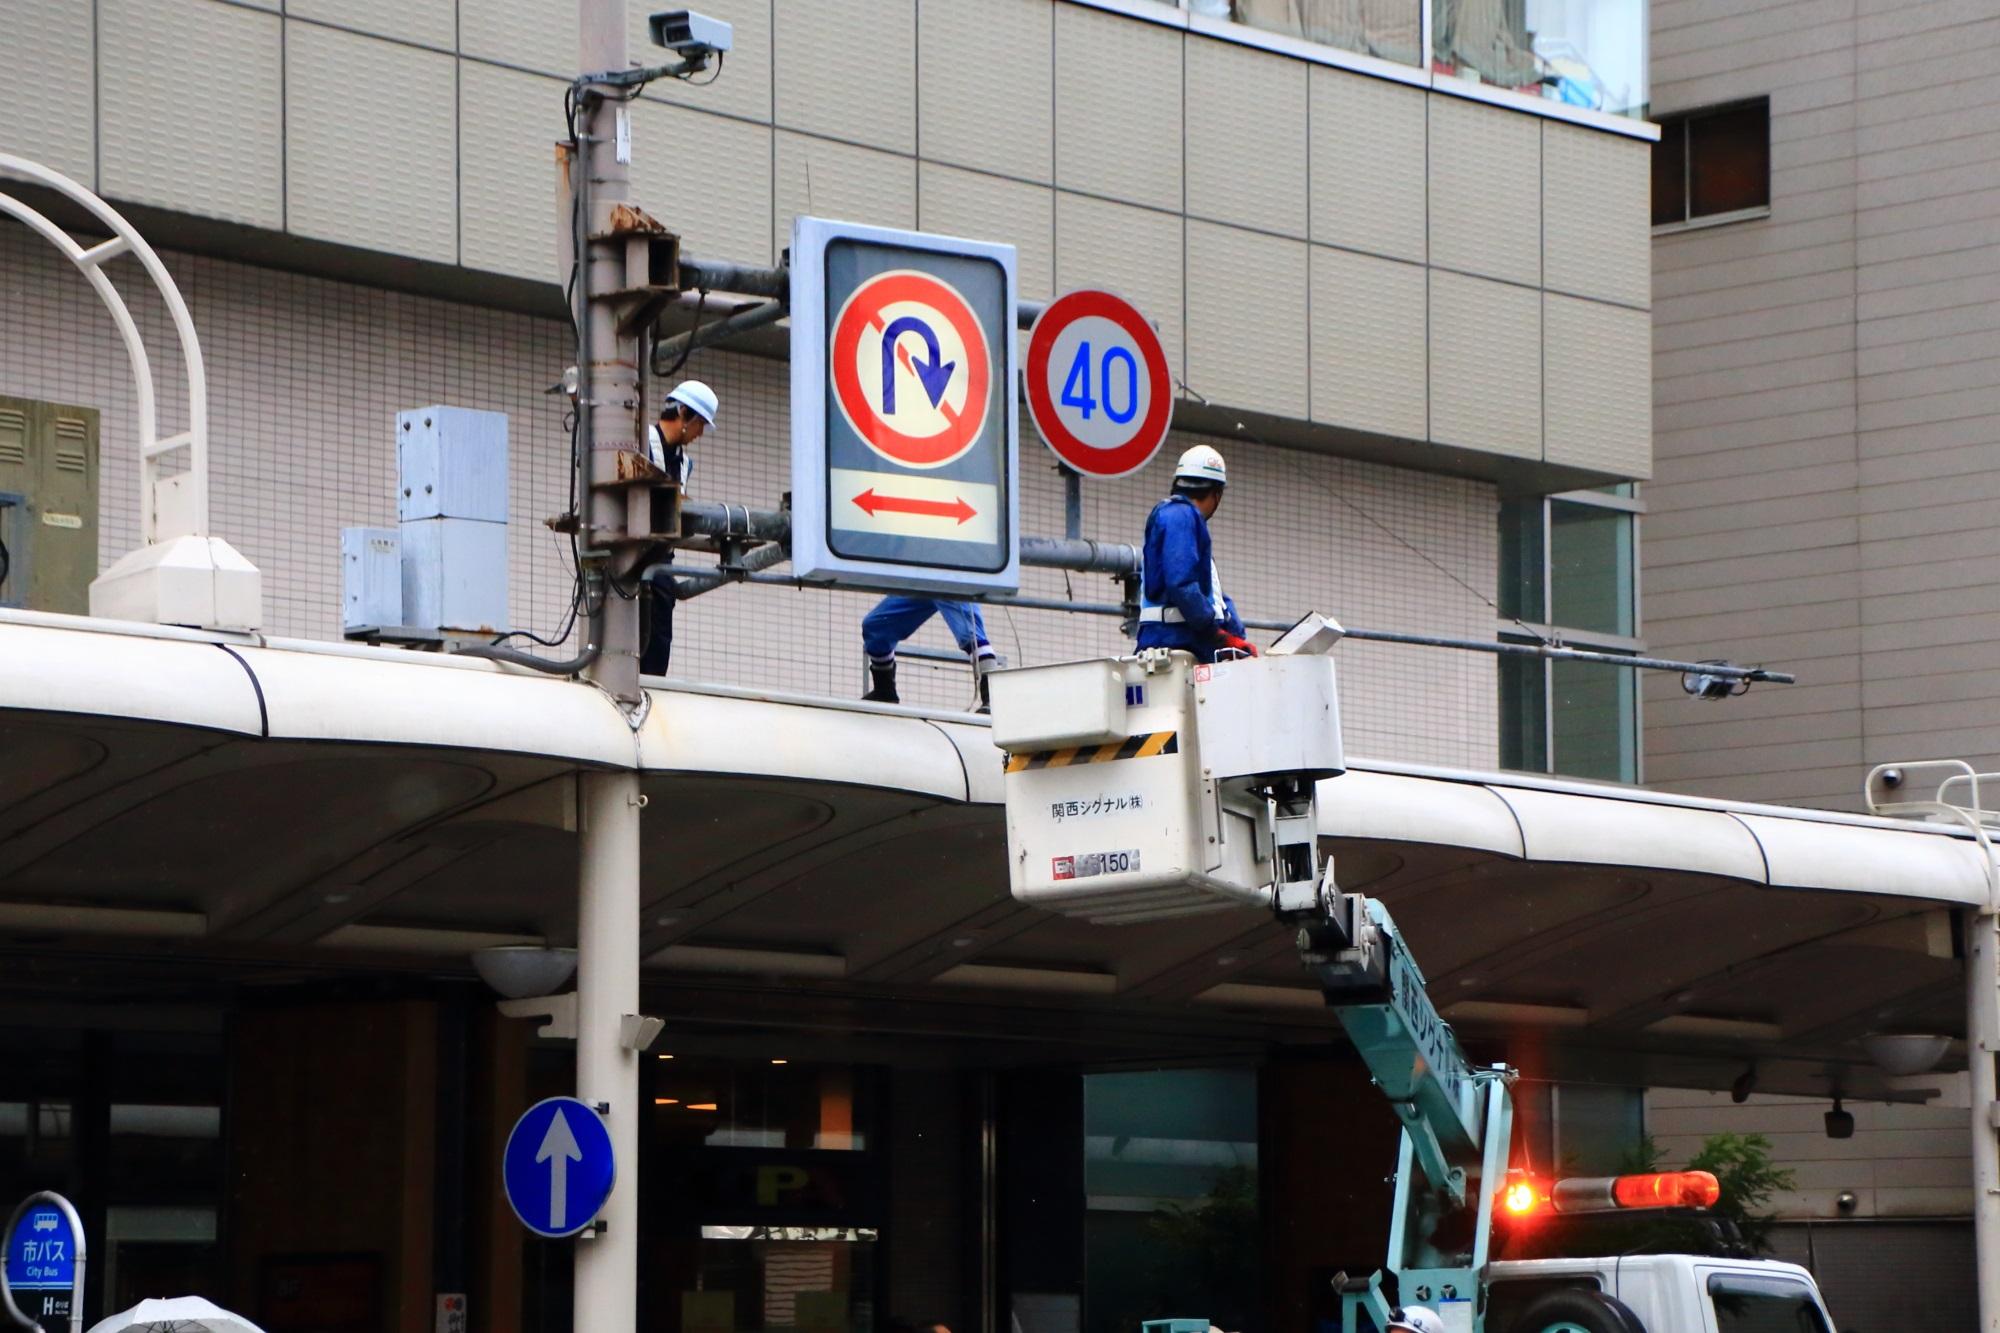 祇園祭の山鉾巡行の際の道路標識折りたたみ